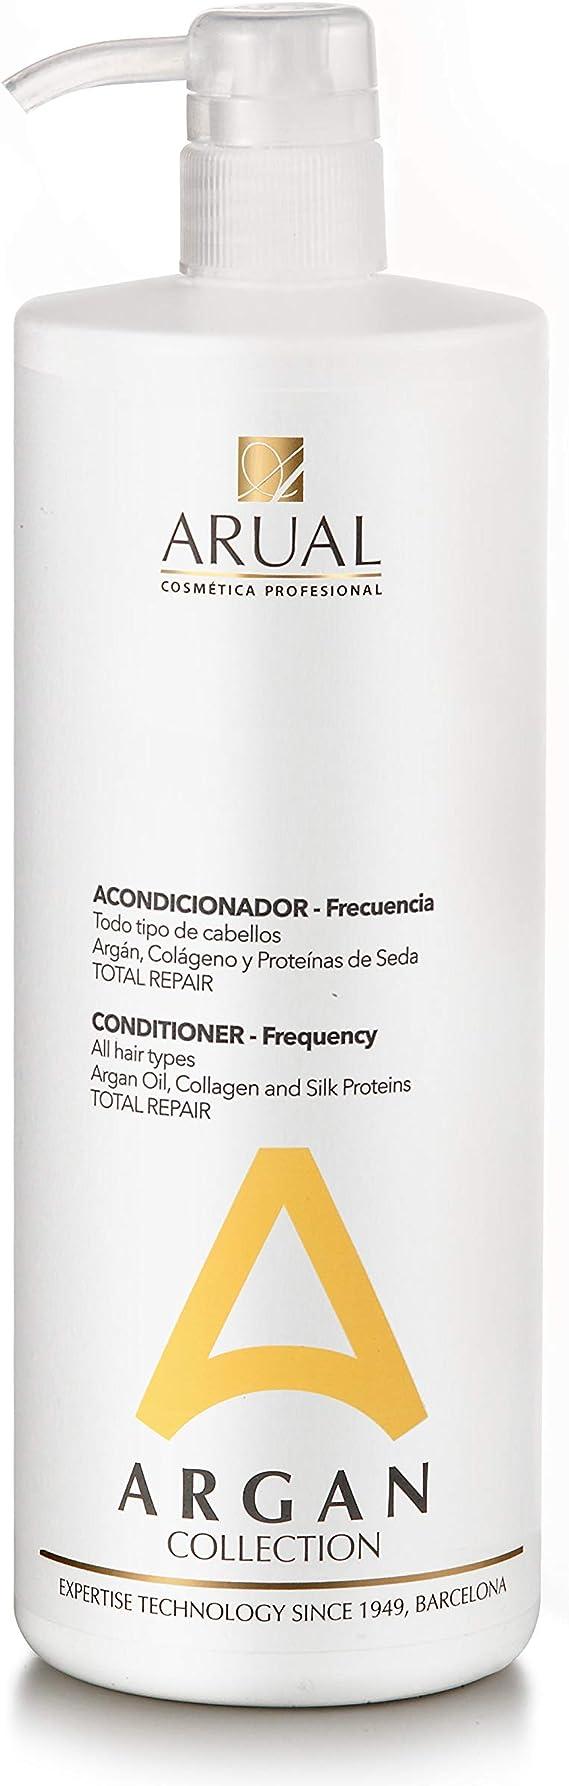 Arual Acondicionador Argán 1L: Amazon.es: Belleza